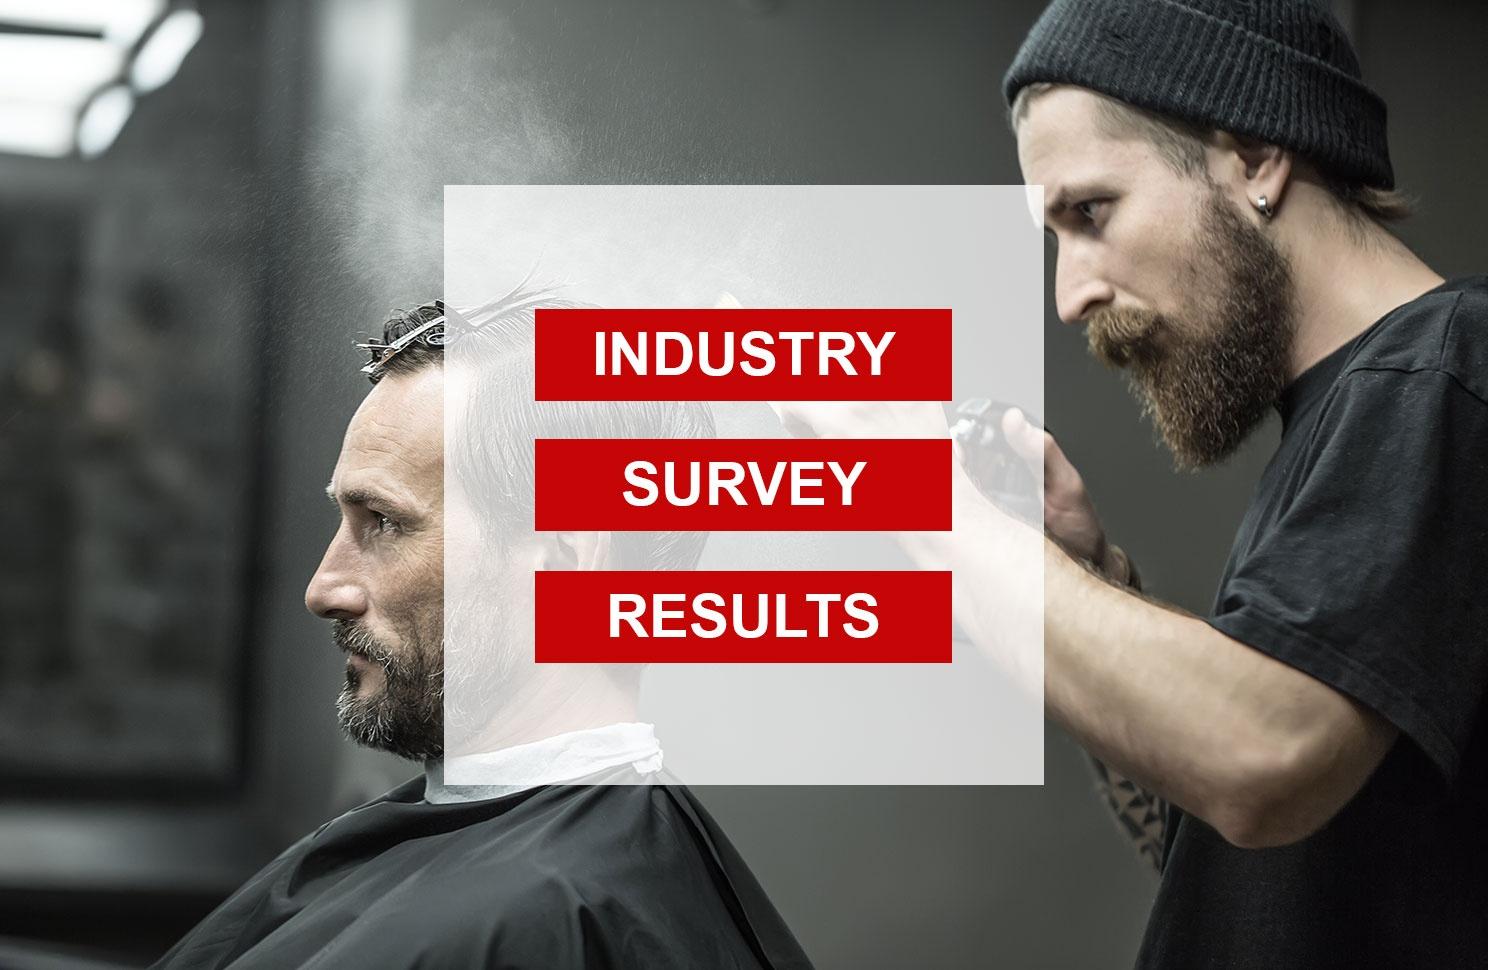 Blogs Images barber-image-link-original